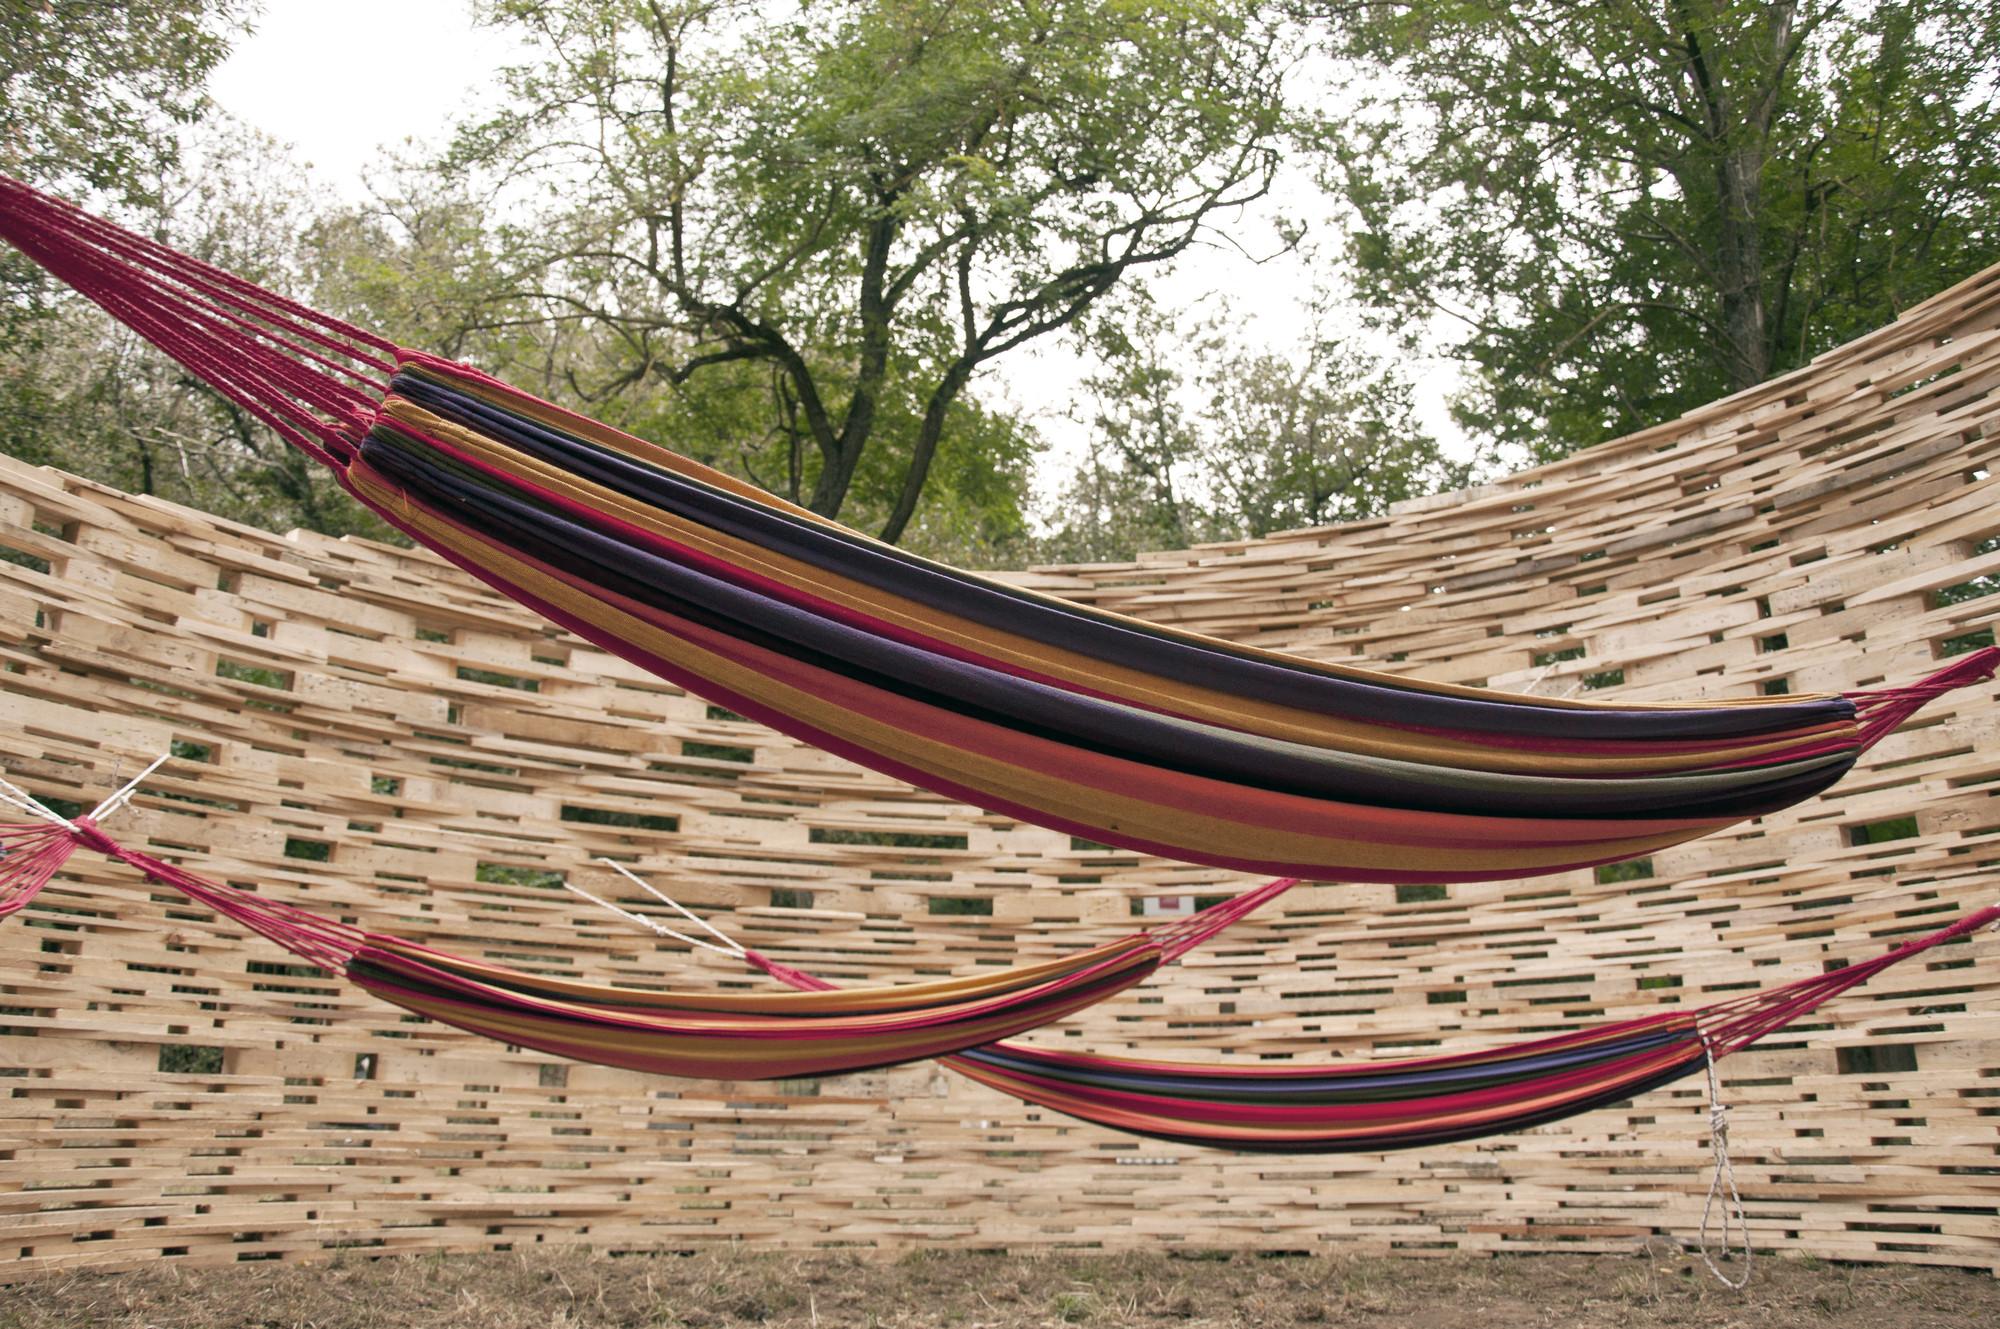 Plataformas de madera se transforman en un Observatorio Espacial Temporal, © Anita Baldassari